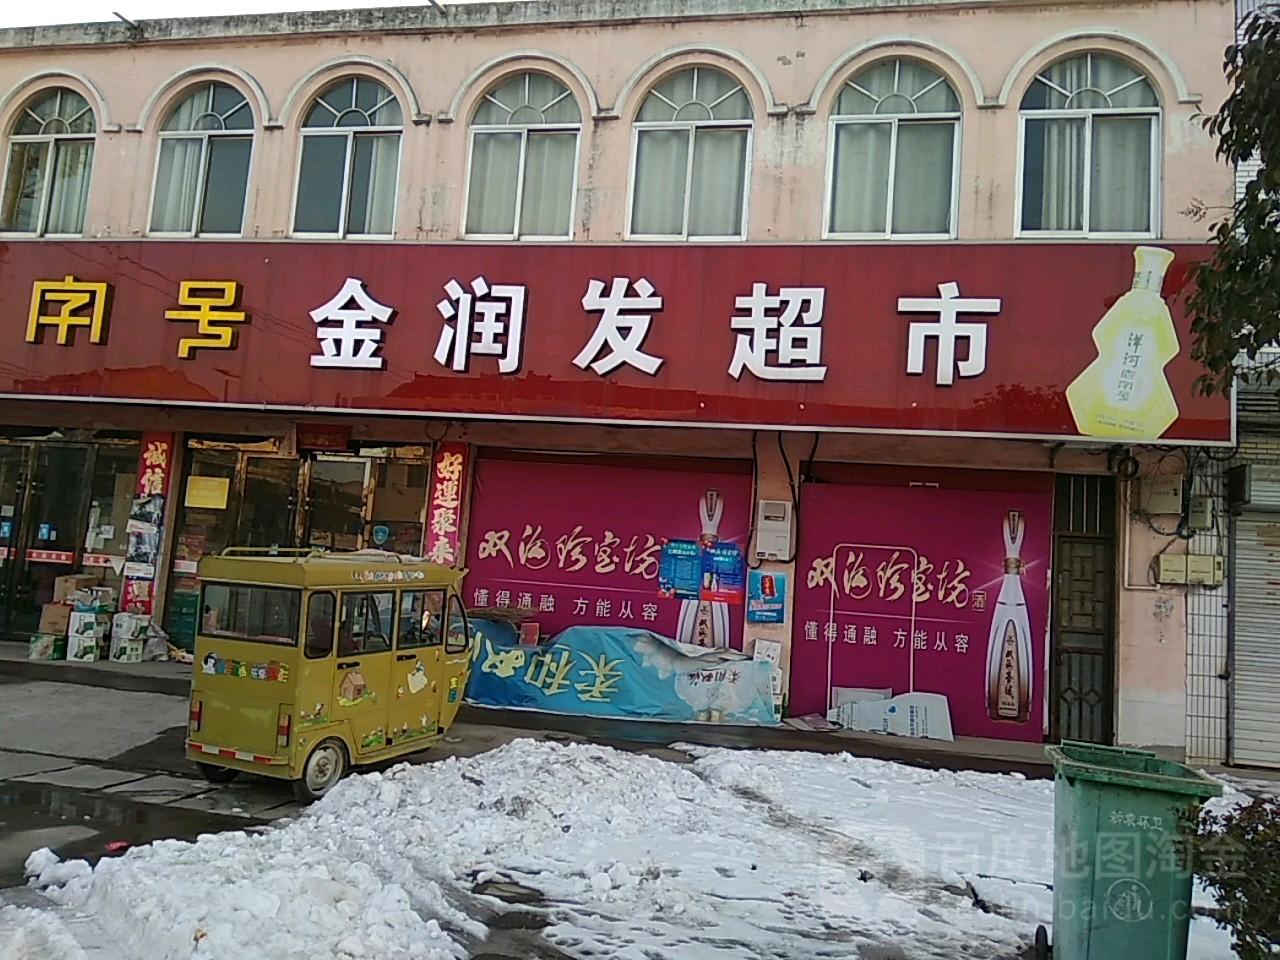 江苏省宿迁市泗阳县新袁镇北京路新东社区幼儿园附近合肥恒泰城品二室一厅装修图图片